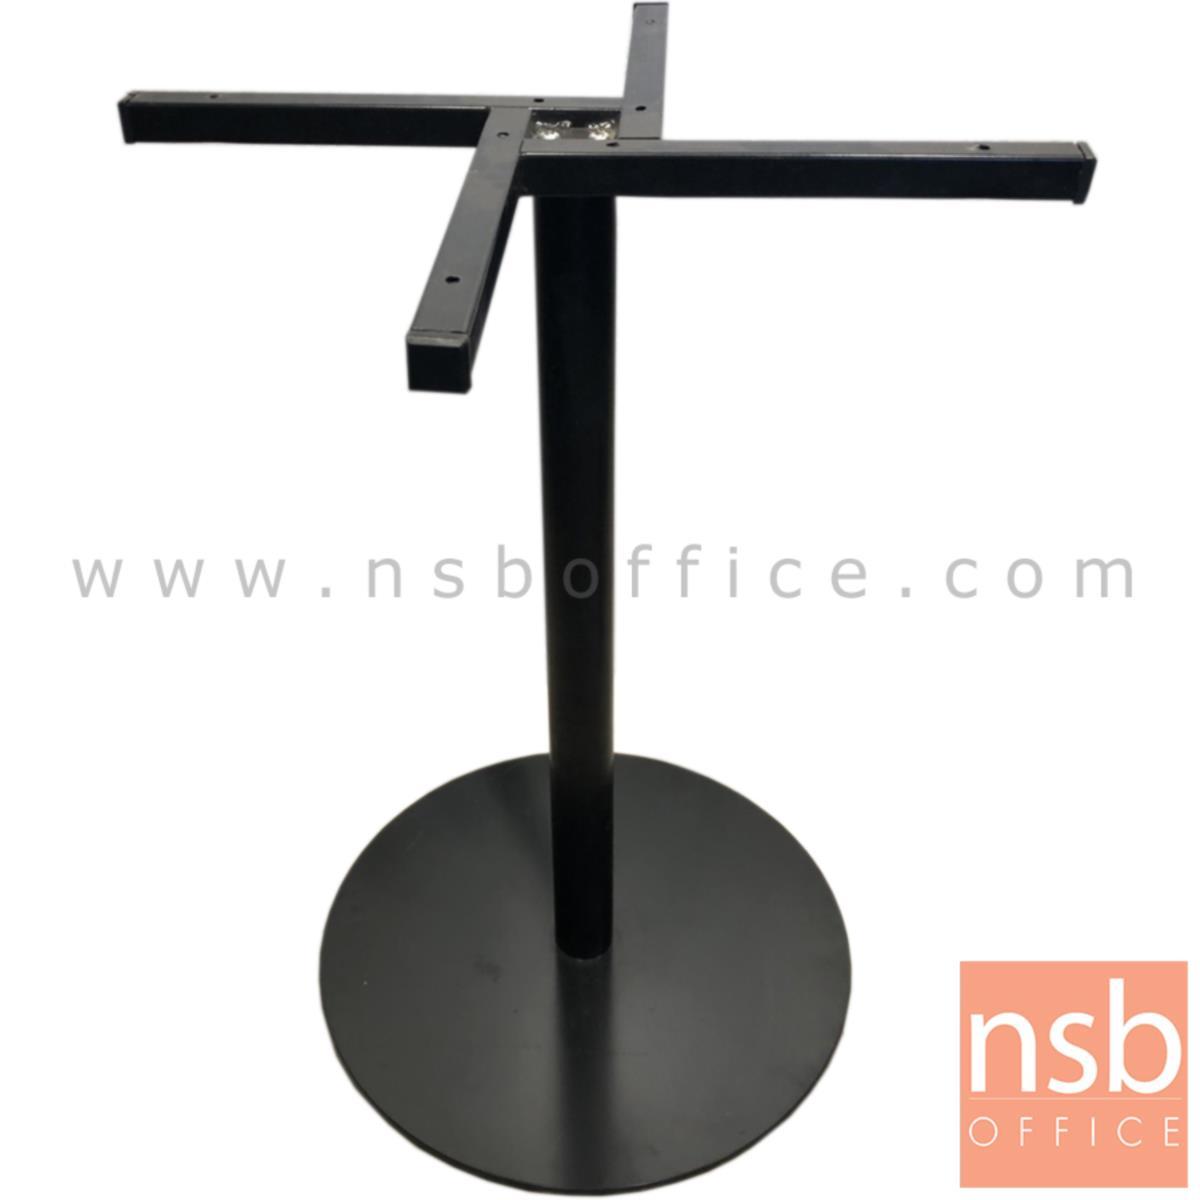 J02A003:ขาโต๊ะบาร์ รุ่น กลมเรียบ ขนาด 46Di*72H cm. โครงขาสีดำ